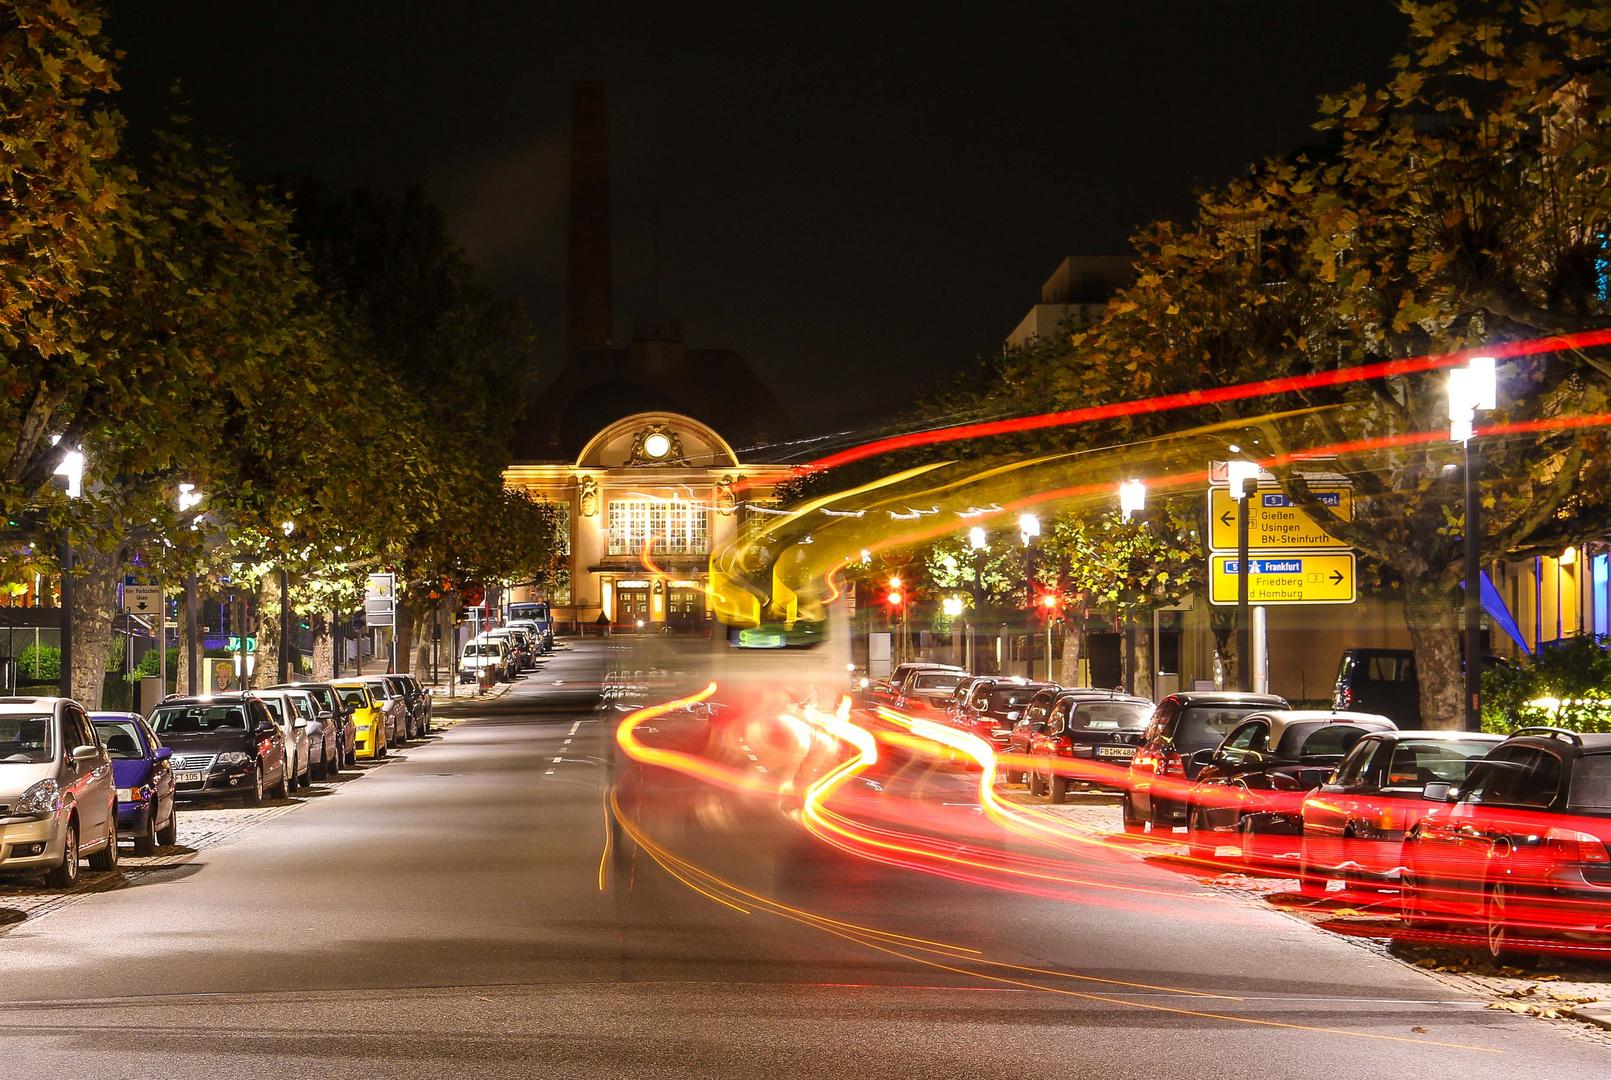 Blick auf den Bahnhof in Bad Nauheim